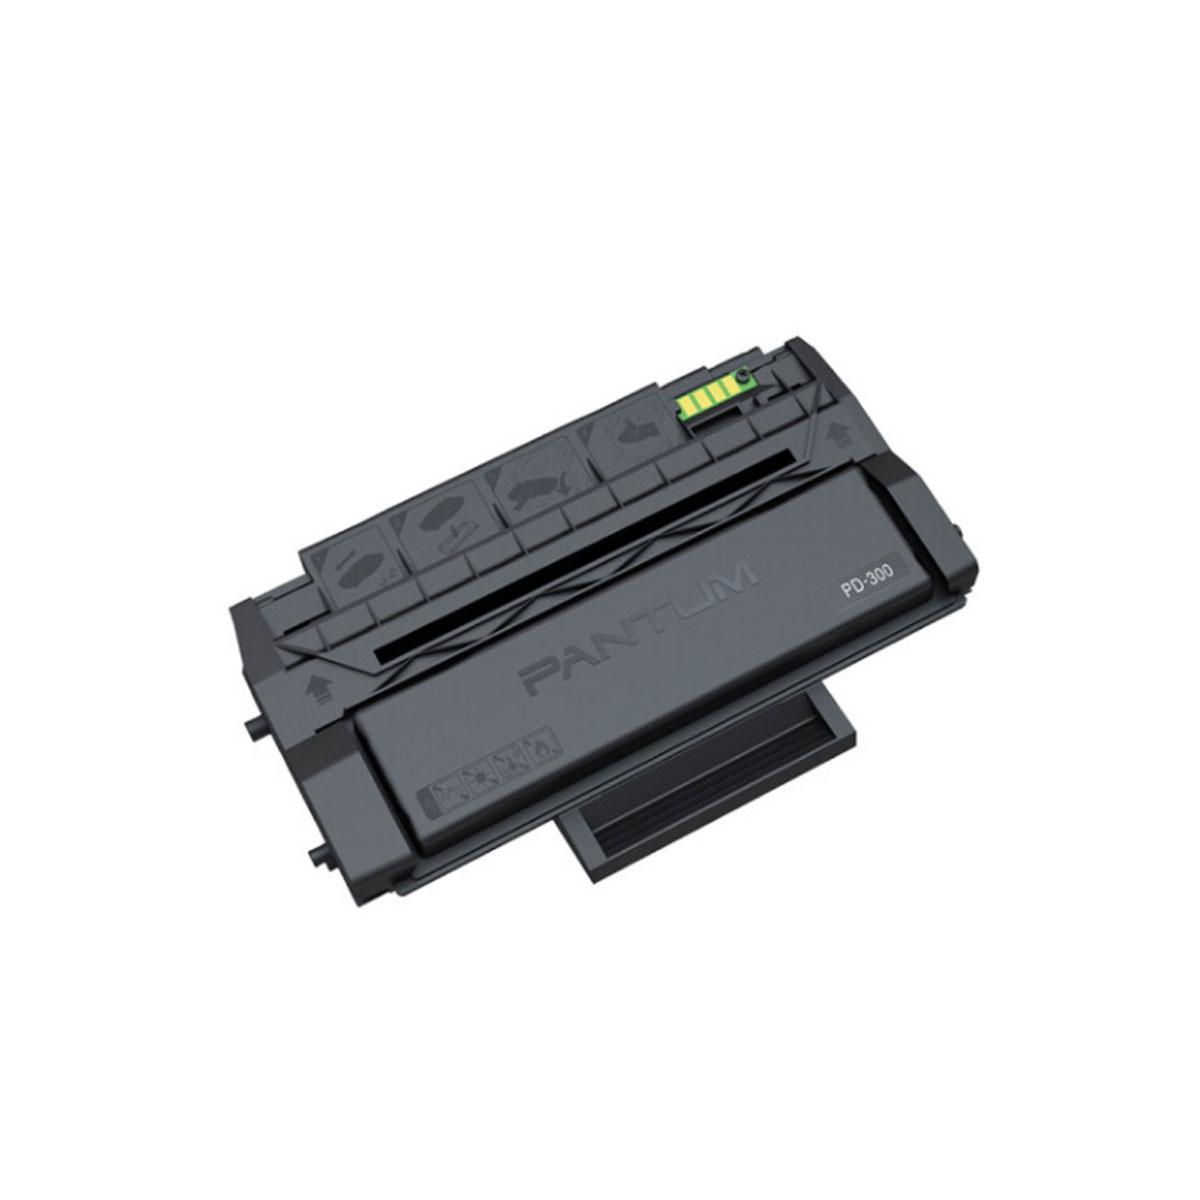 奔图(PANTUM) PD-300 打印硒鼓 P3225DN/3050D/3100D